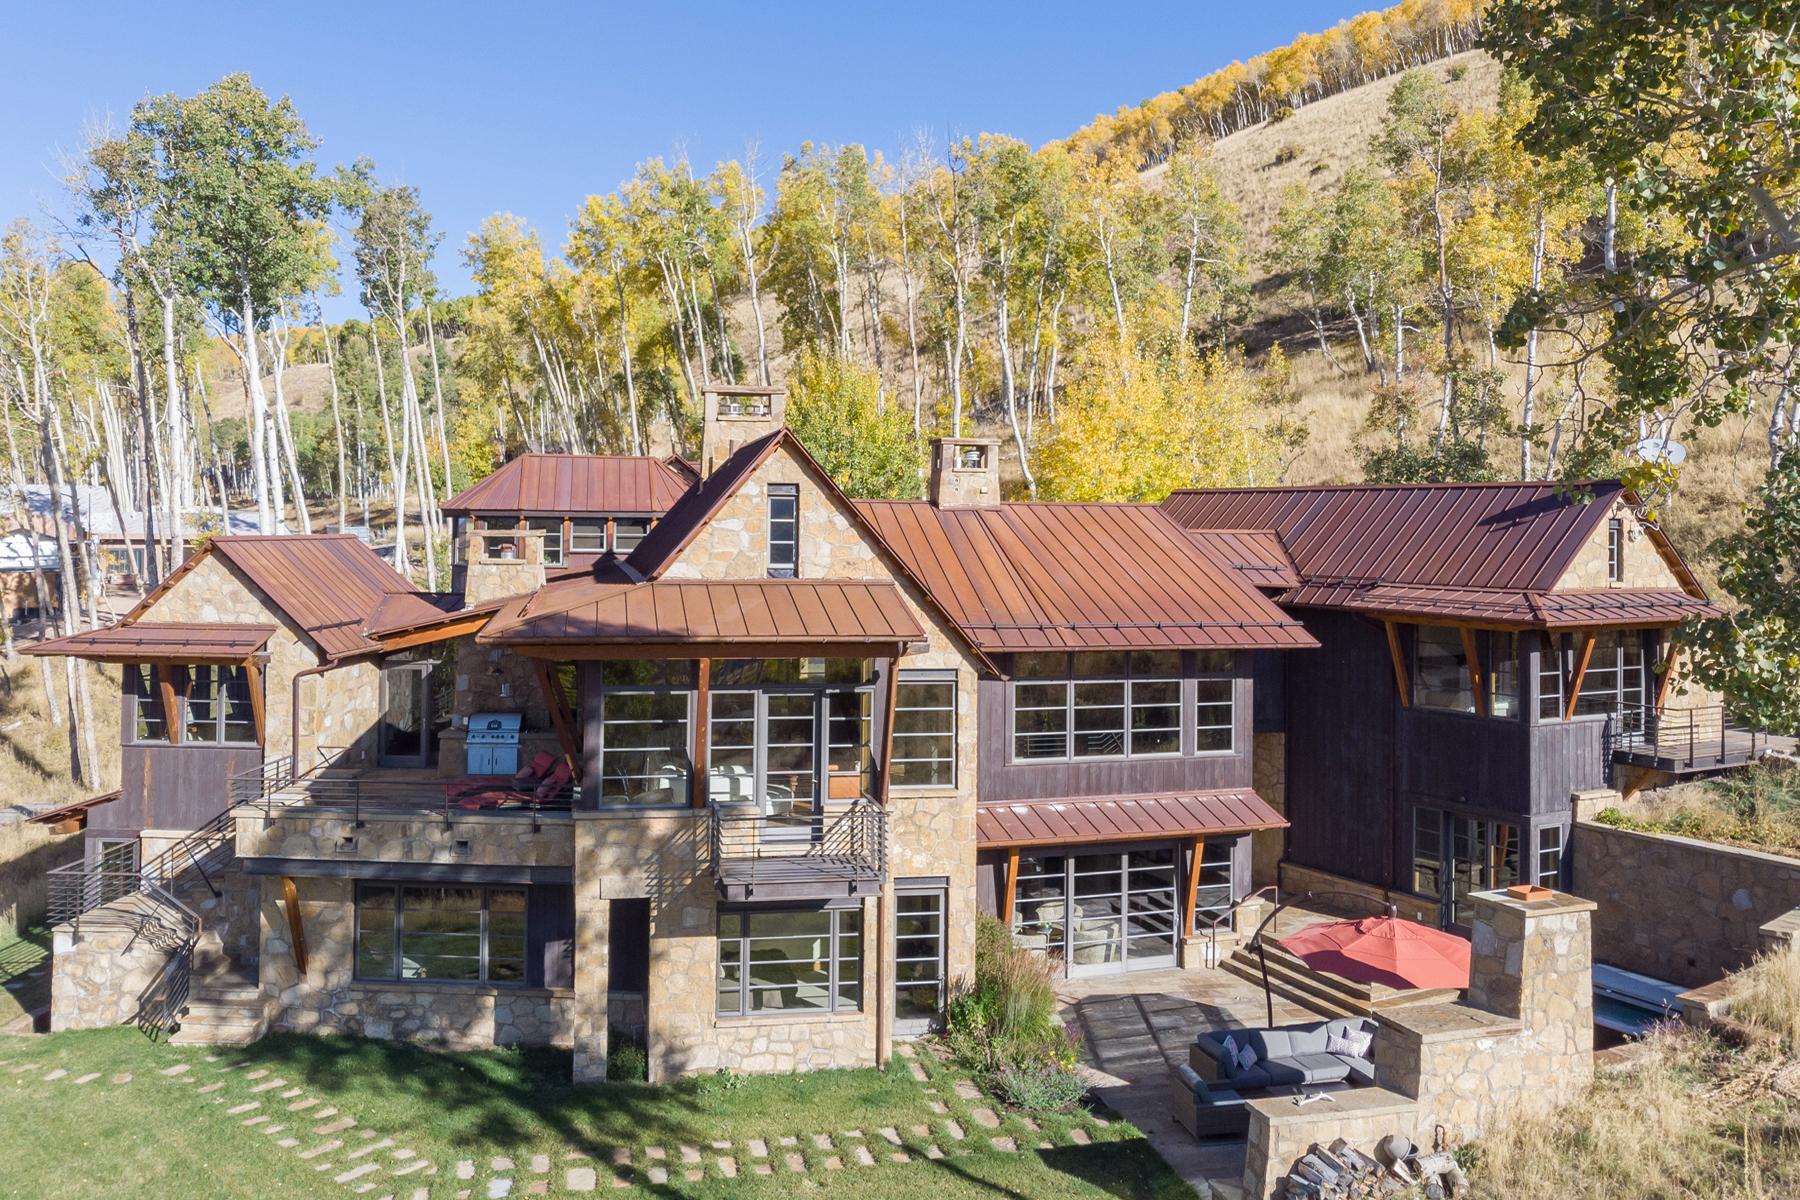 Single Family Homes for Active at 229 E. Serapio Drive Telluride, Colorado 81435 United States